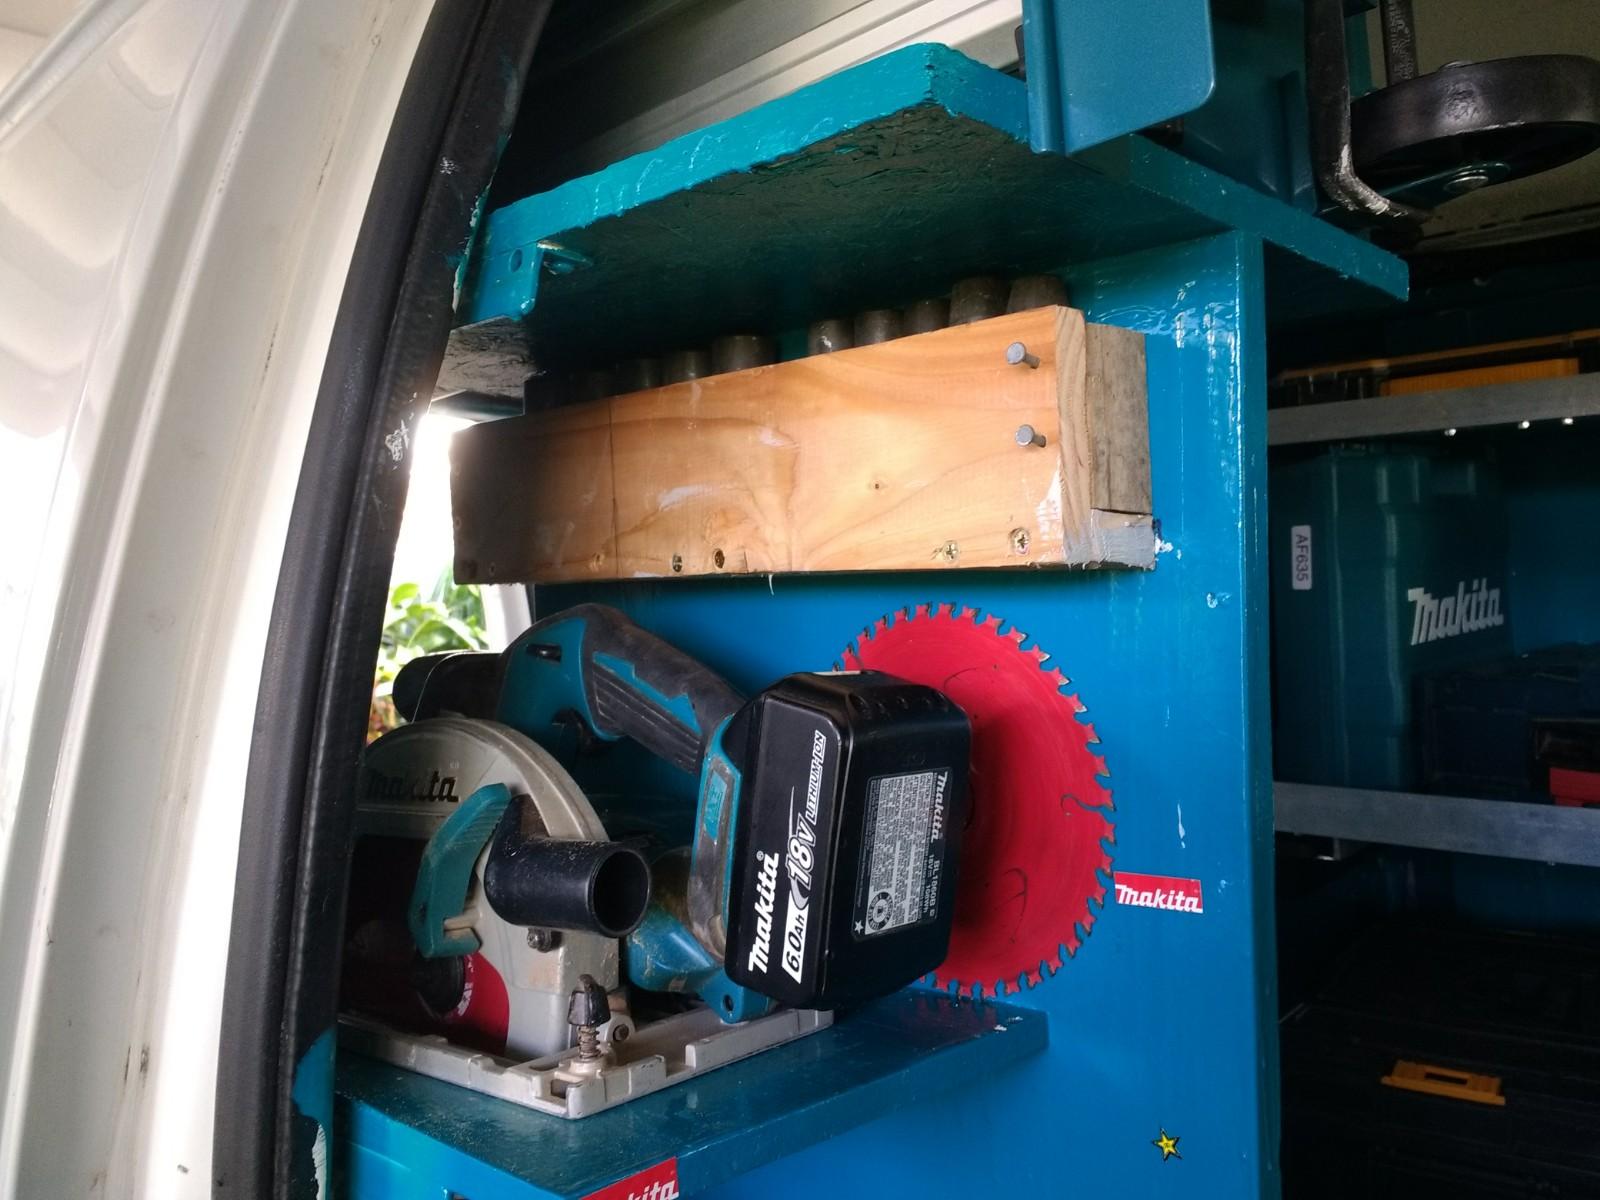 Post your work truck/van thread-img_20181224_113623087.jpg